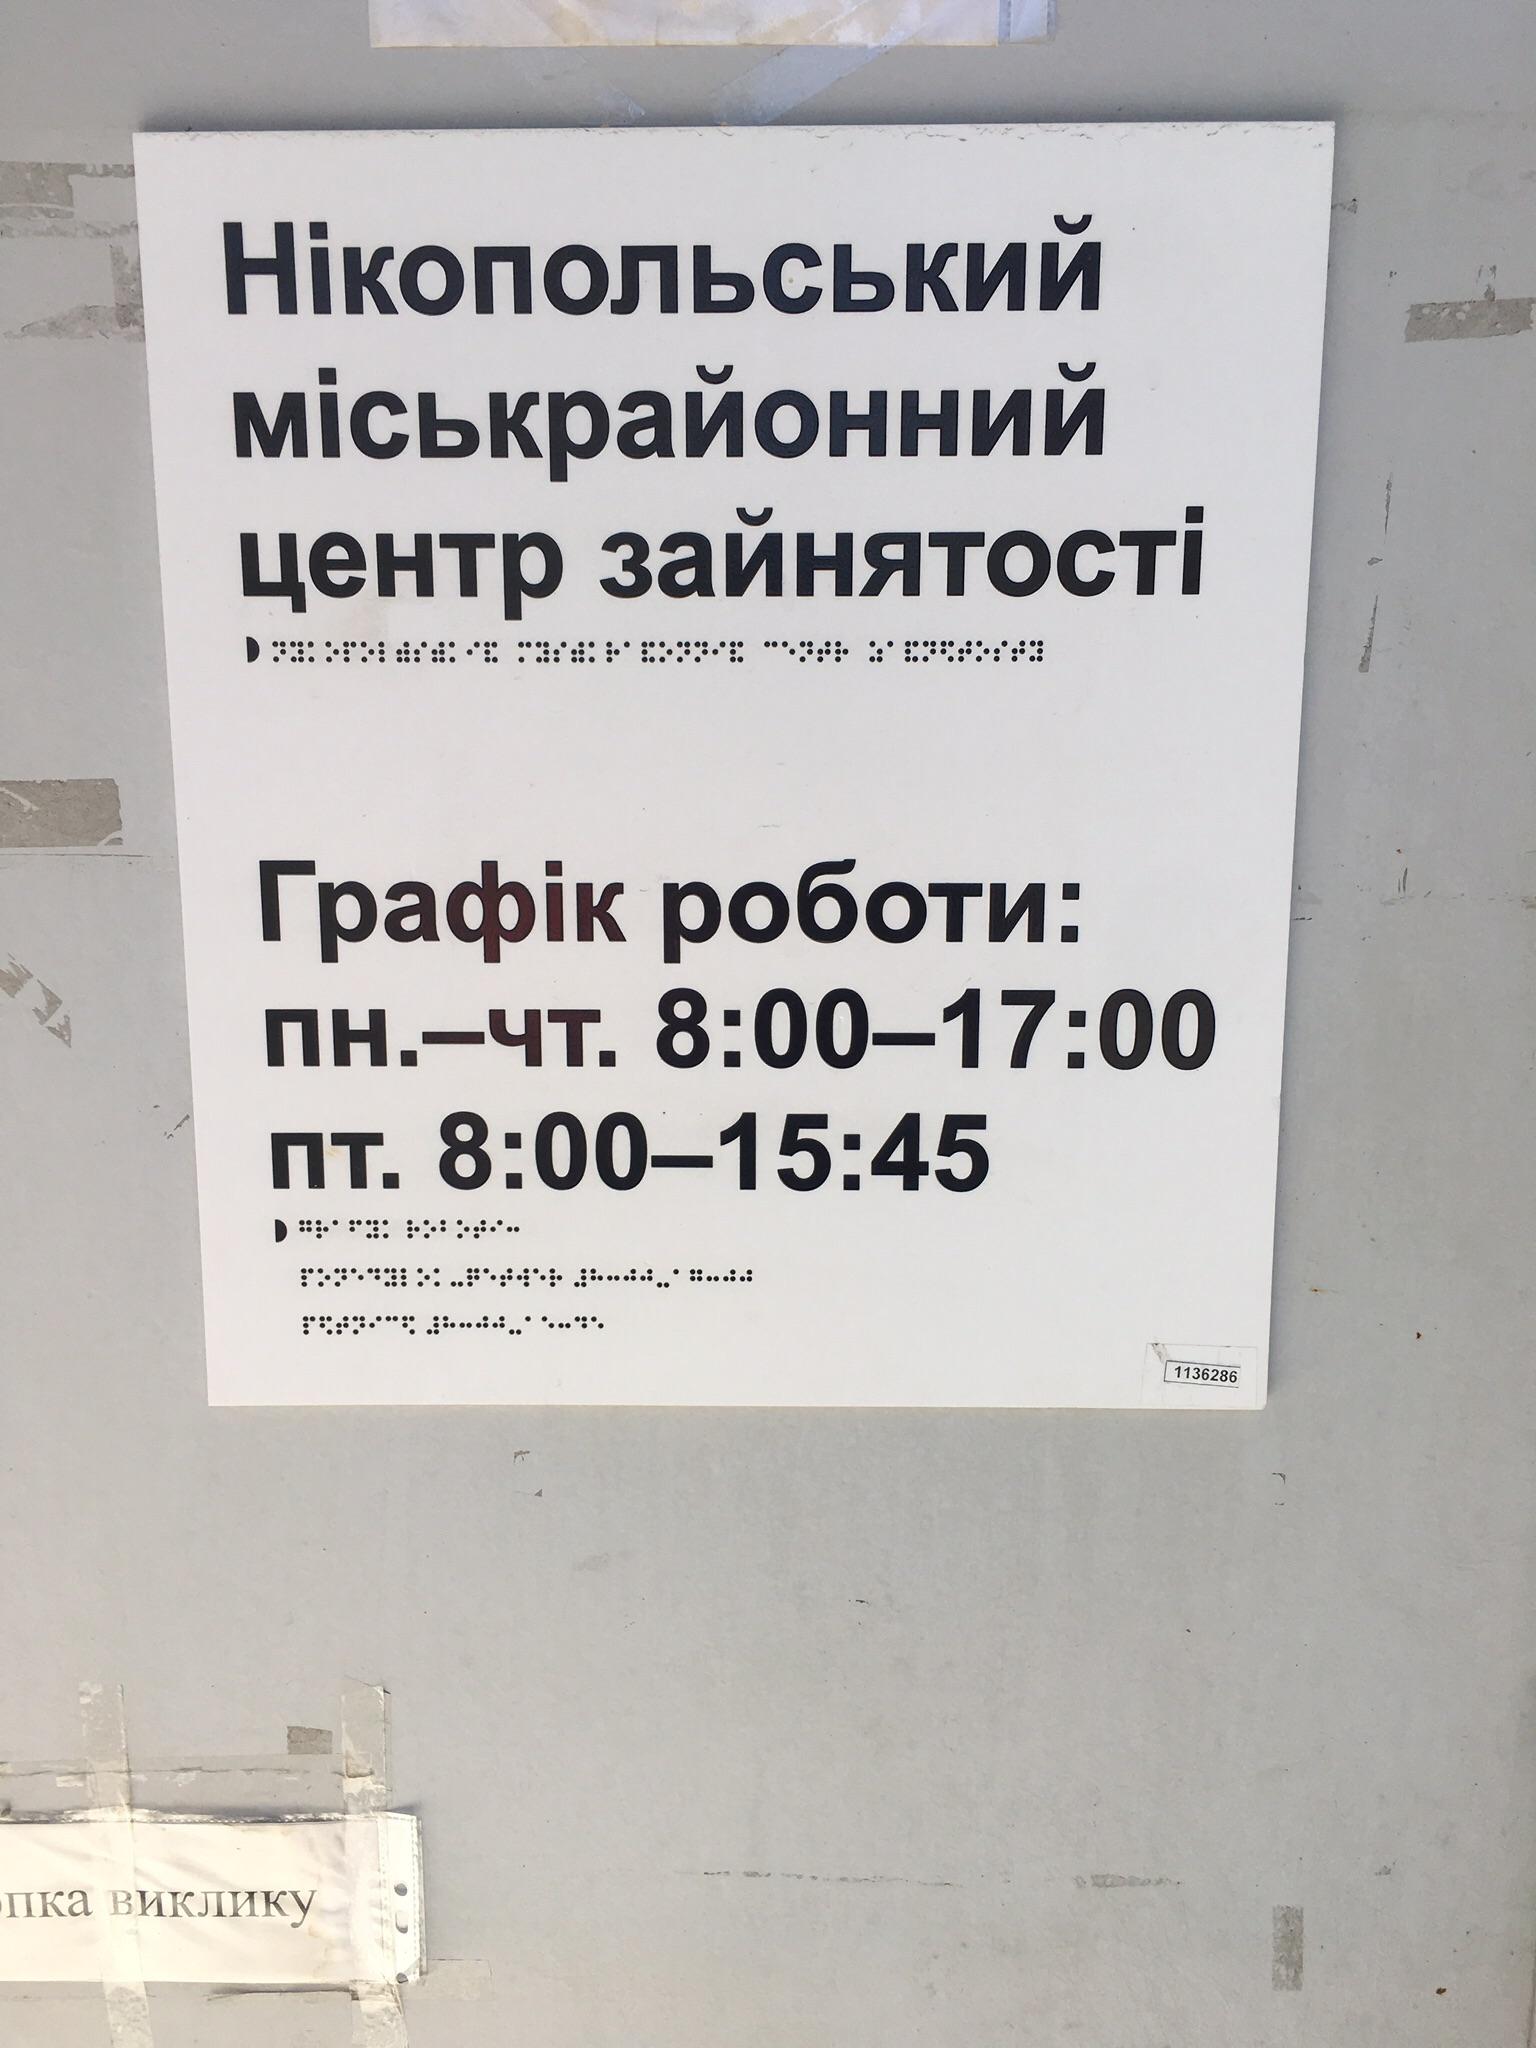 Никопольский центр занятости! | Прихист